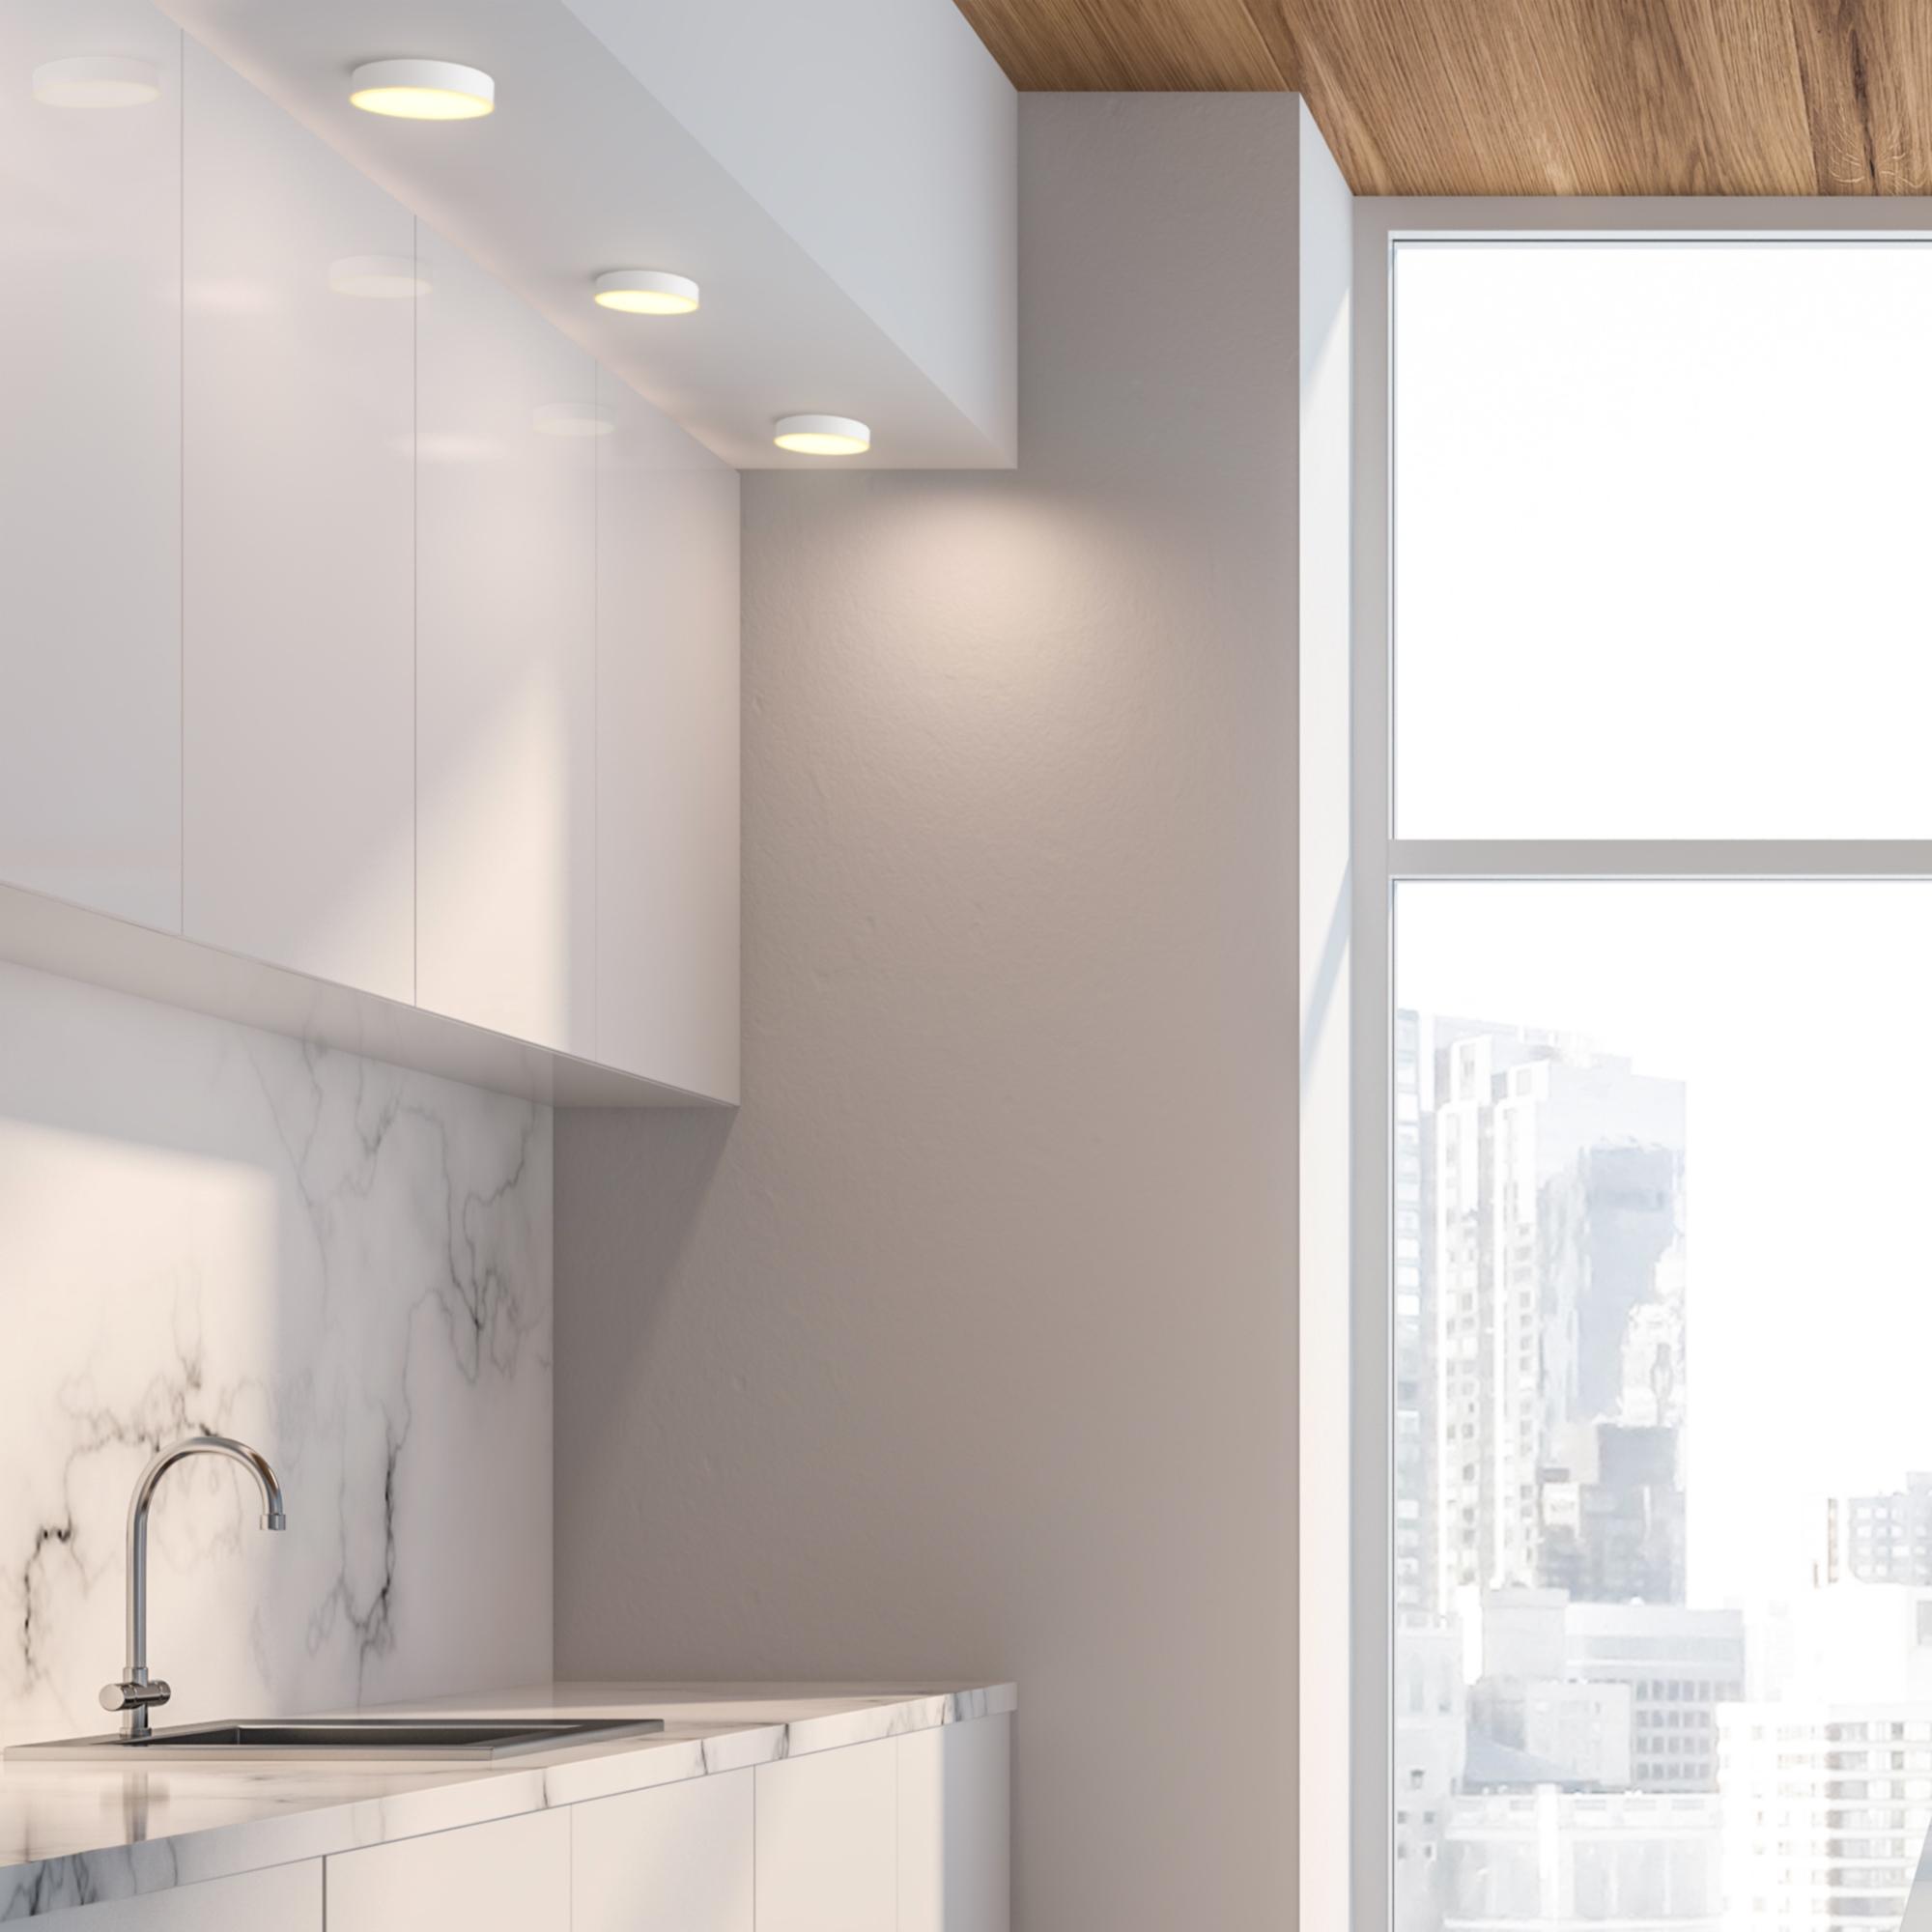 Full Size of Lüftung Küche Kaufen Tipps Fliesenspiegel Selber Machen Tapete Deckenleuchte Bad Deckenlampe Einbauküche Abfalleimer Holz Modern Auf Raten Zusammenstellen Wohnzimmer Deckenleuchte Led Küche